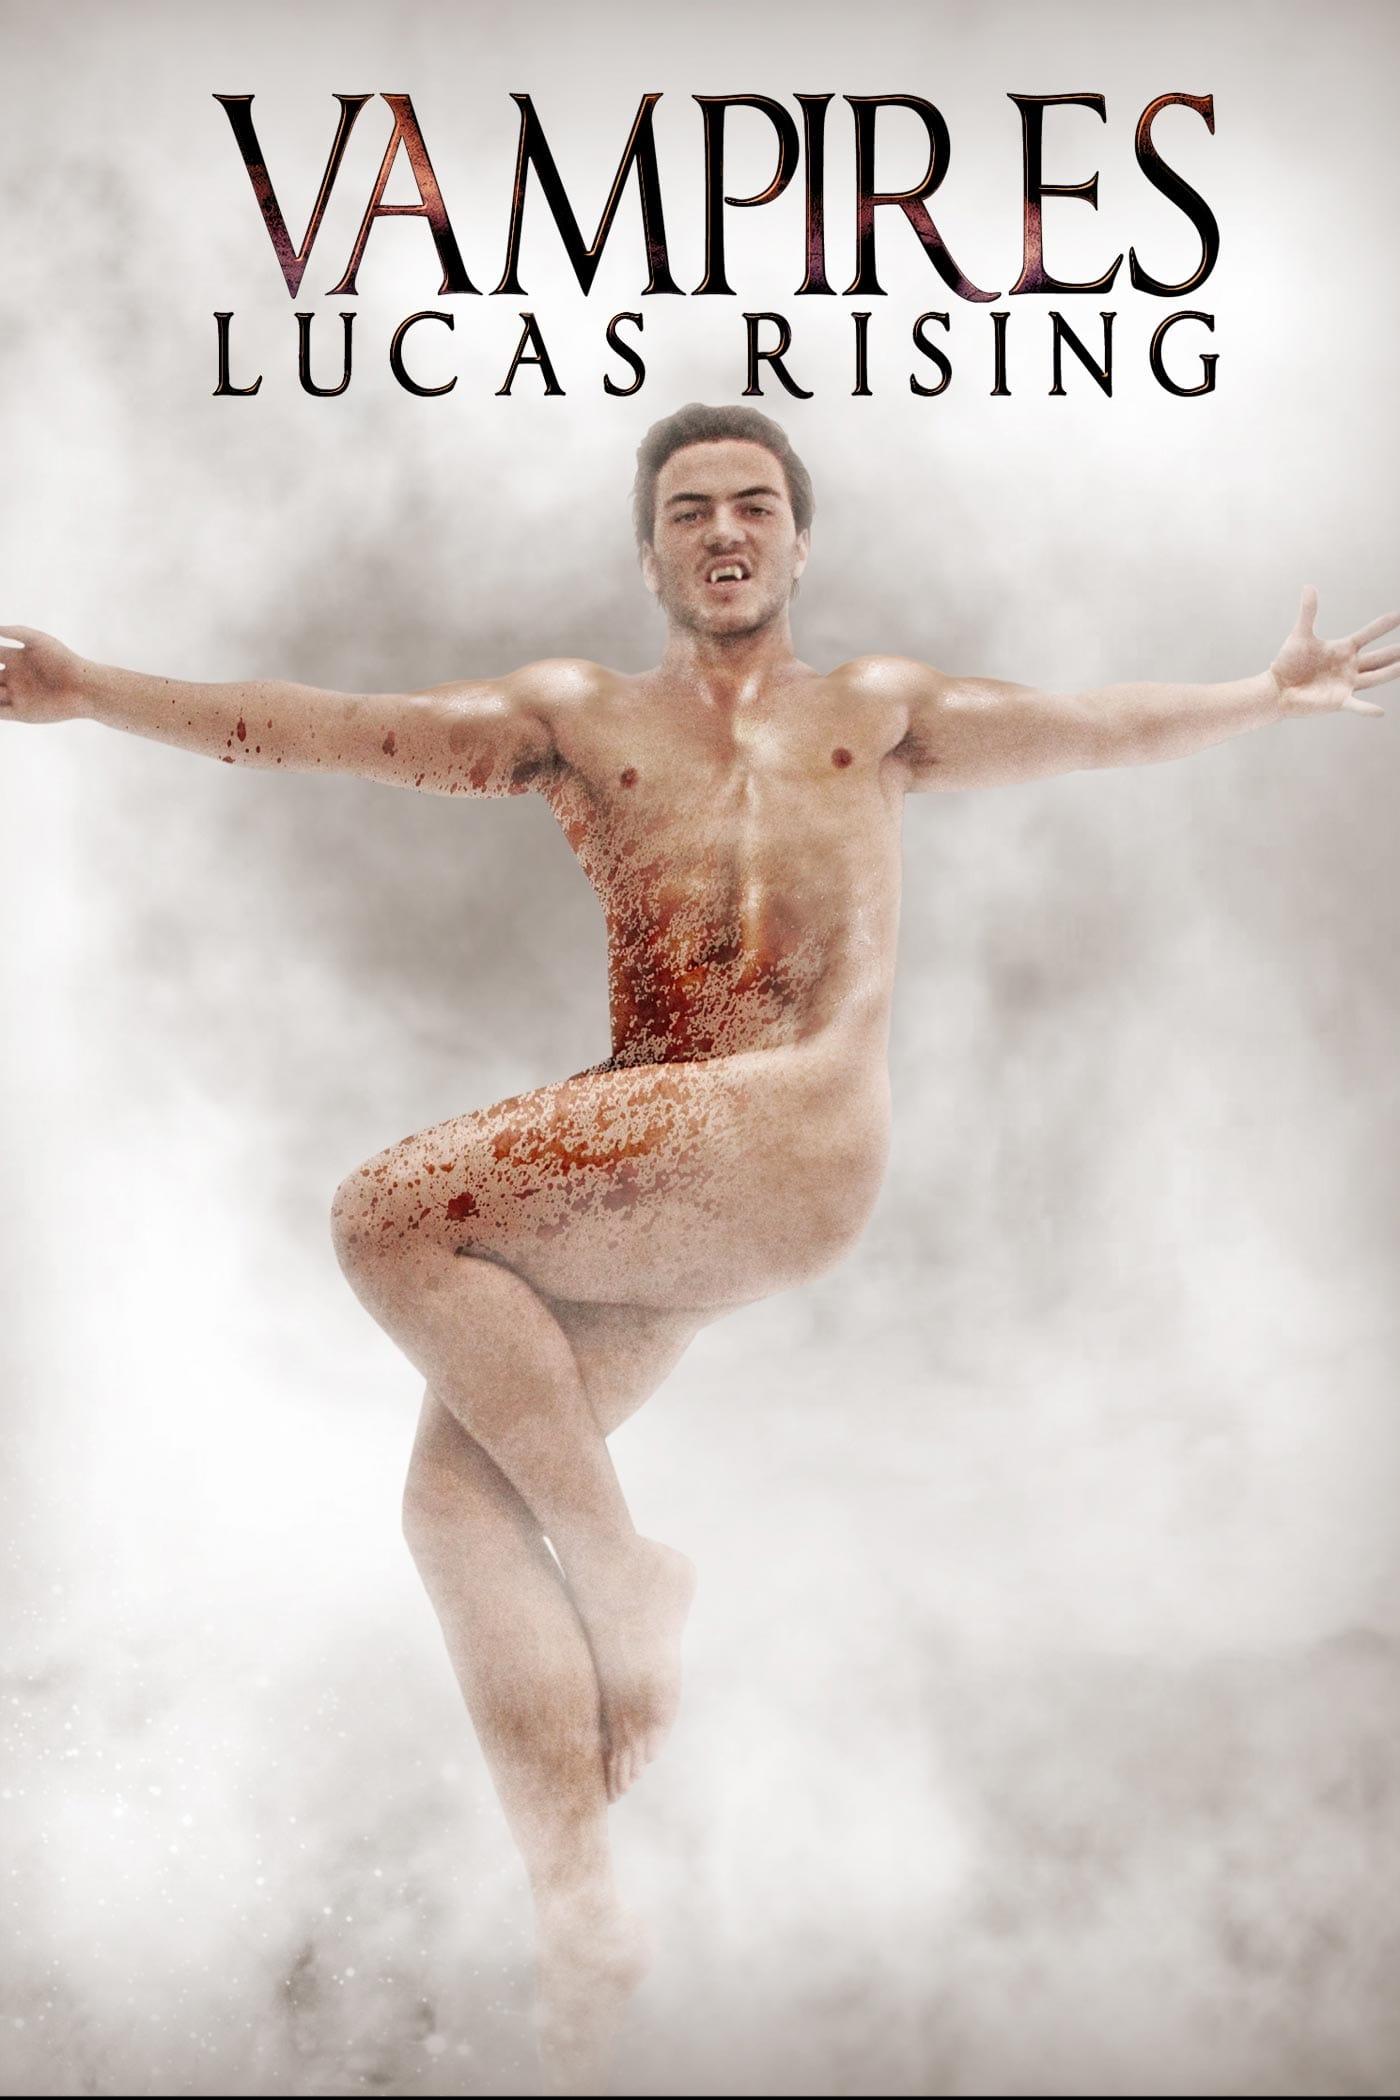 Vampires: Lucas Rising (2014)